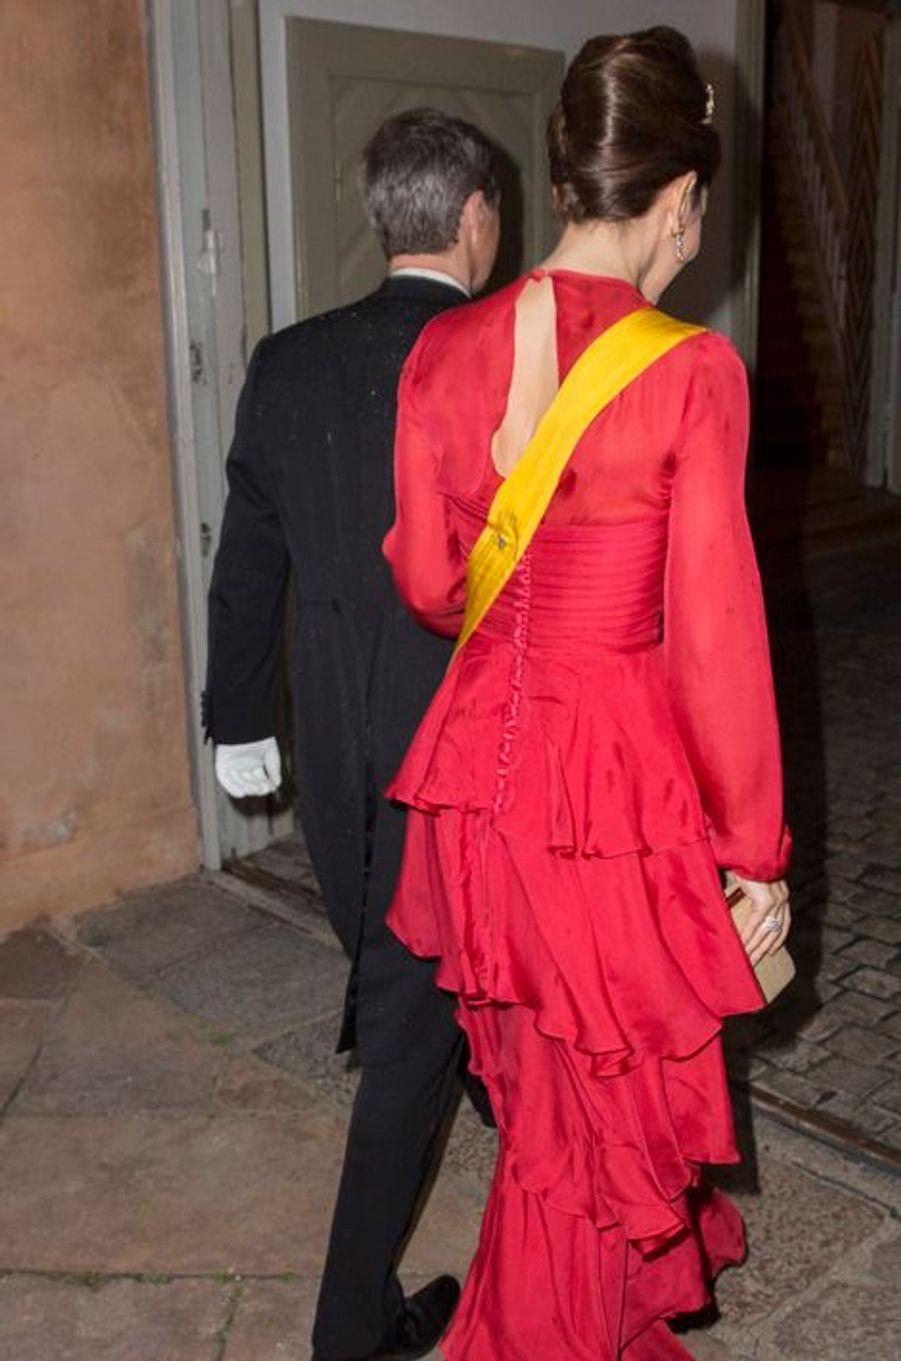 La princesse Mary et le prince Frederik de Danemark à Fredensborg, le 13 avril 2016